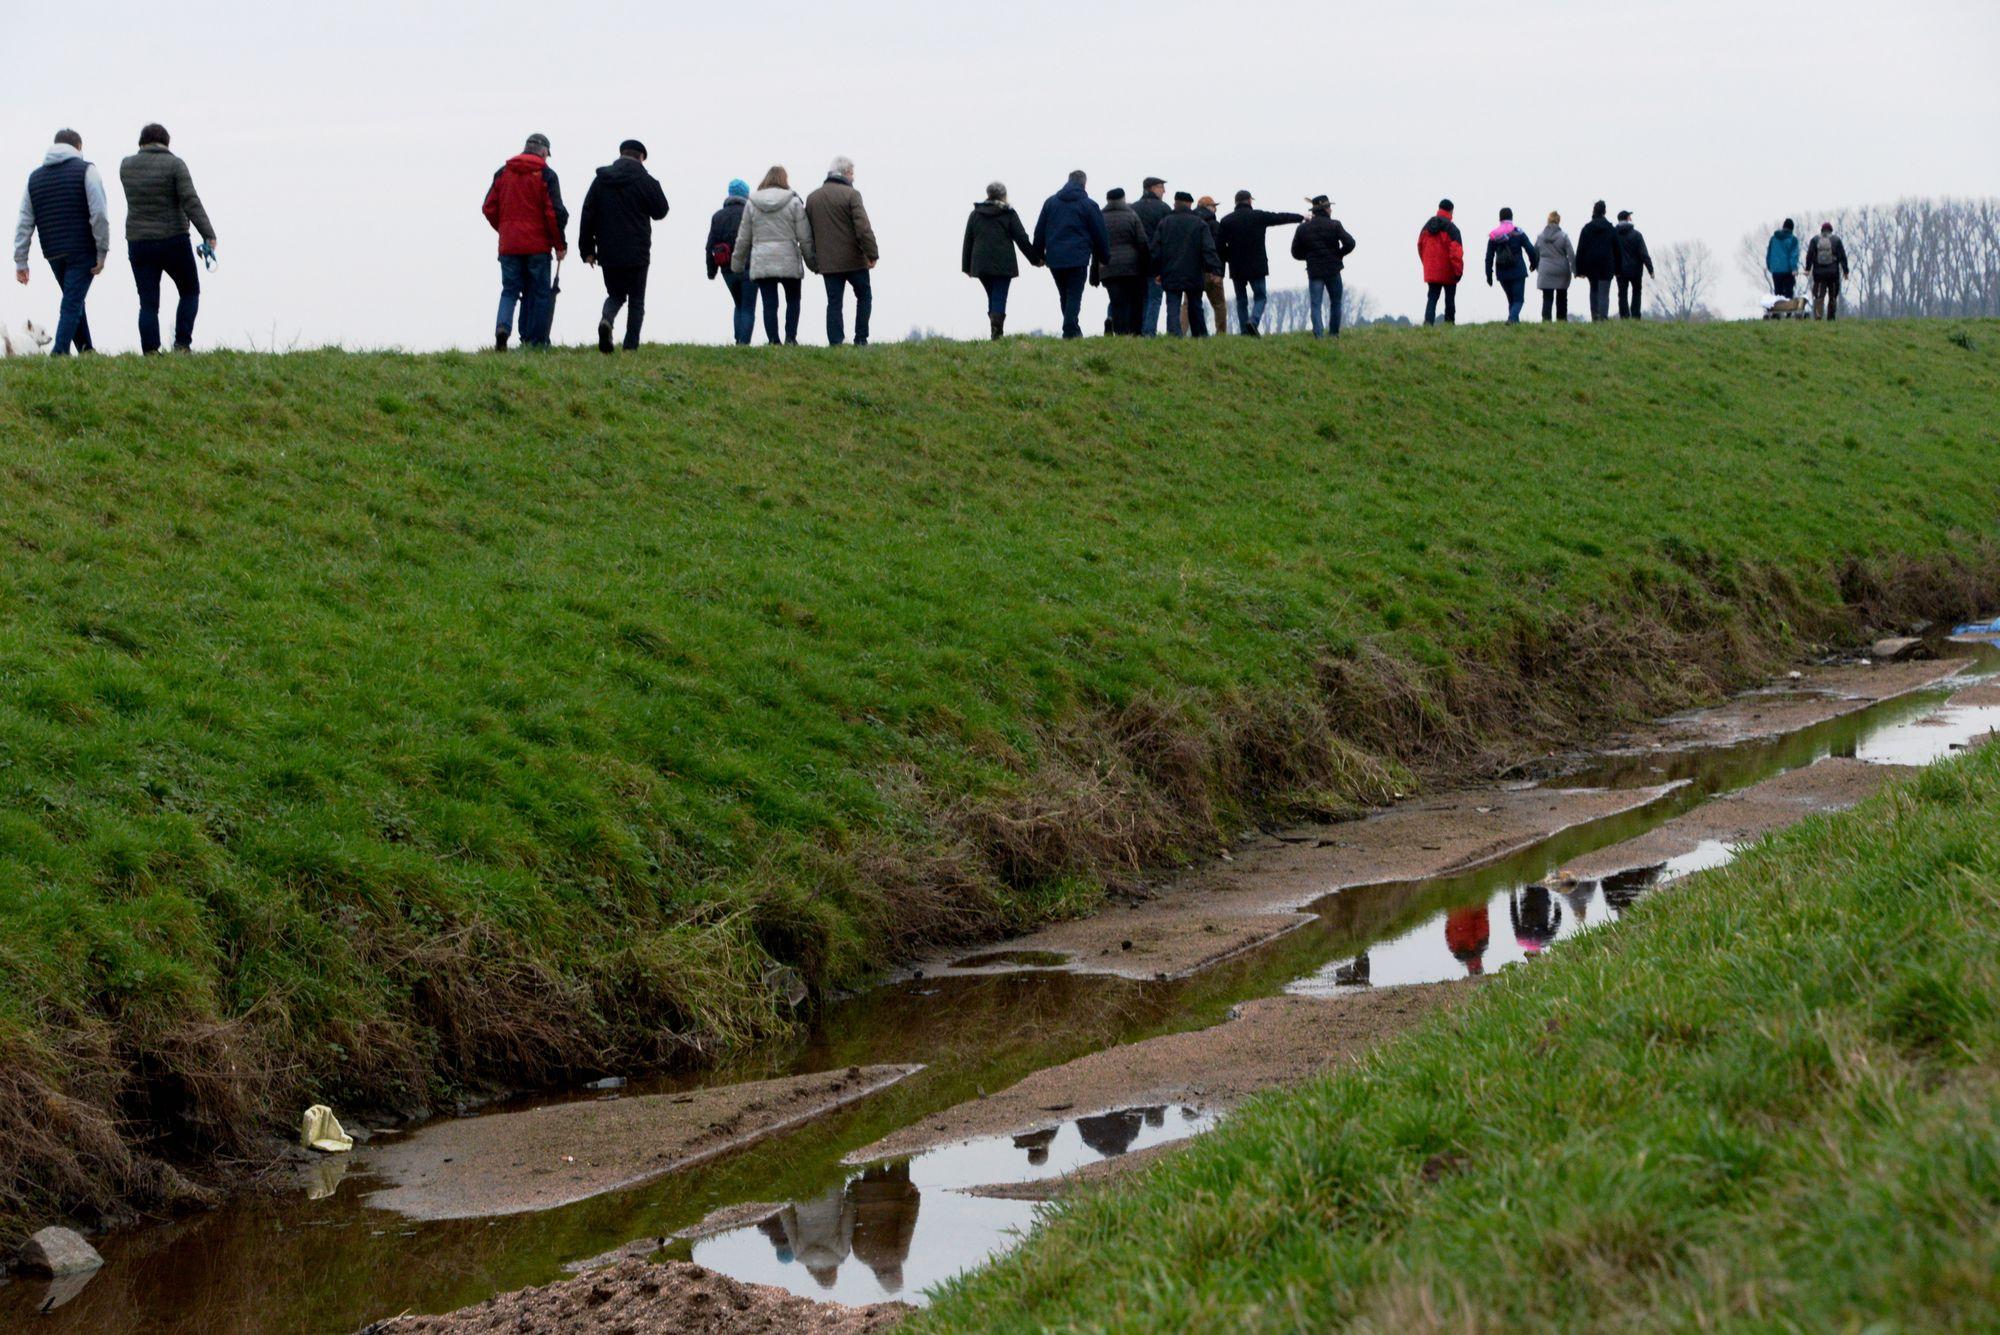 Germania eröffnet ihr 120jähriges Jubiläum mit einer Grenzwanderung